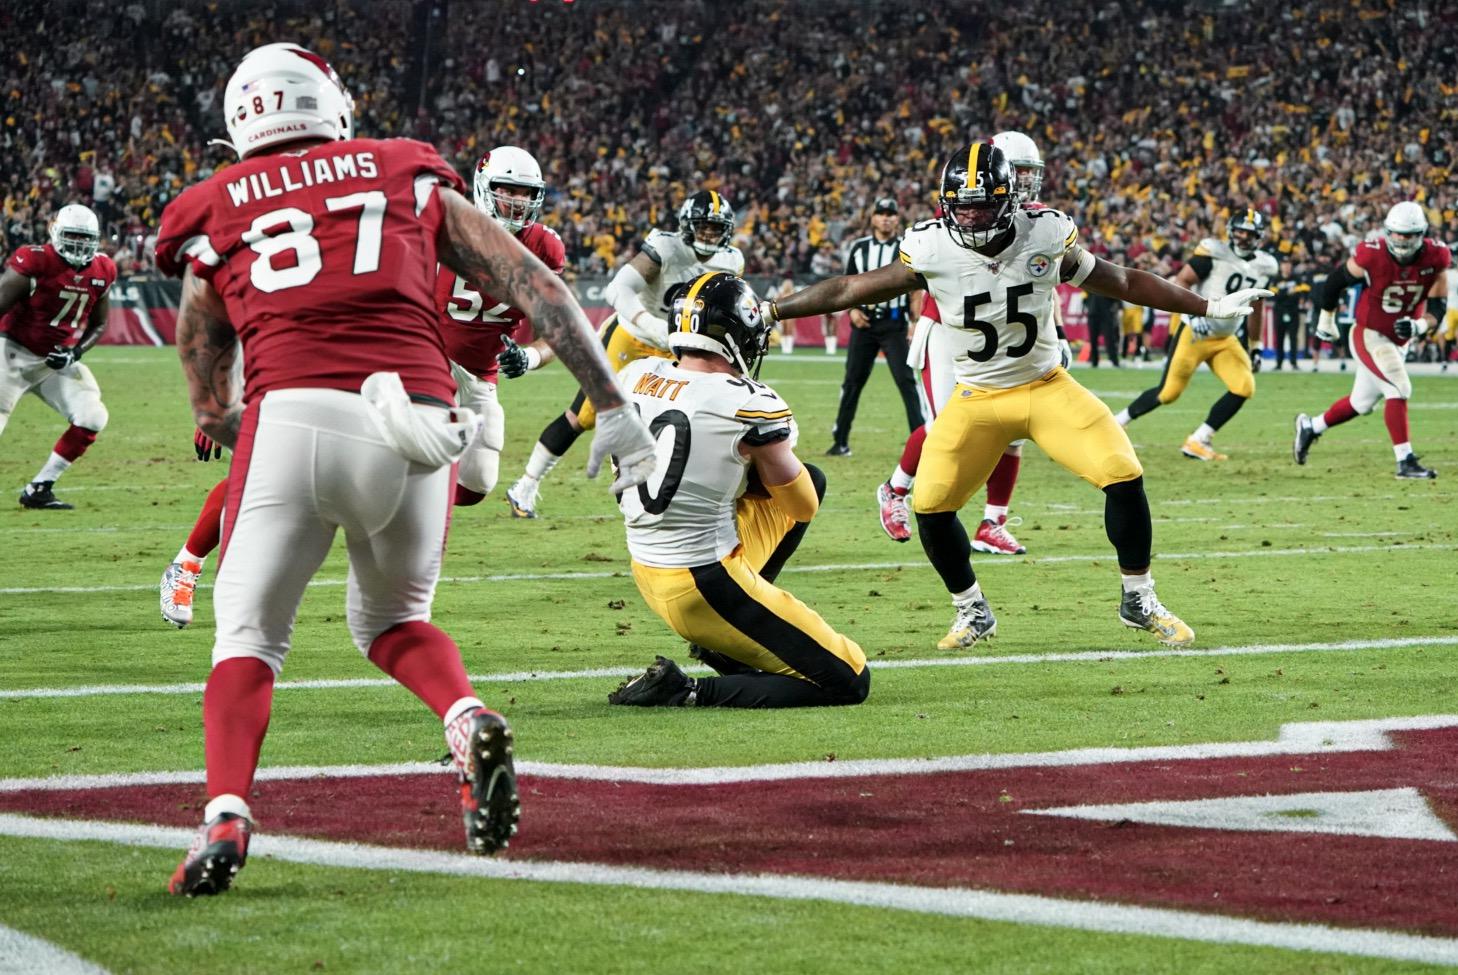 TJ-Watt-pittsburgh-steelers-arizona-cardinals-interception